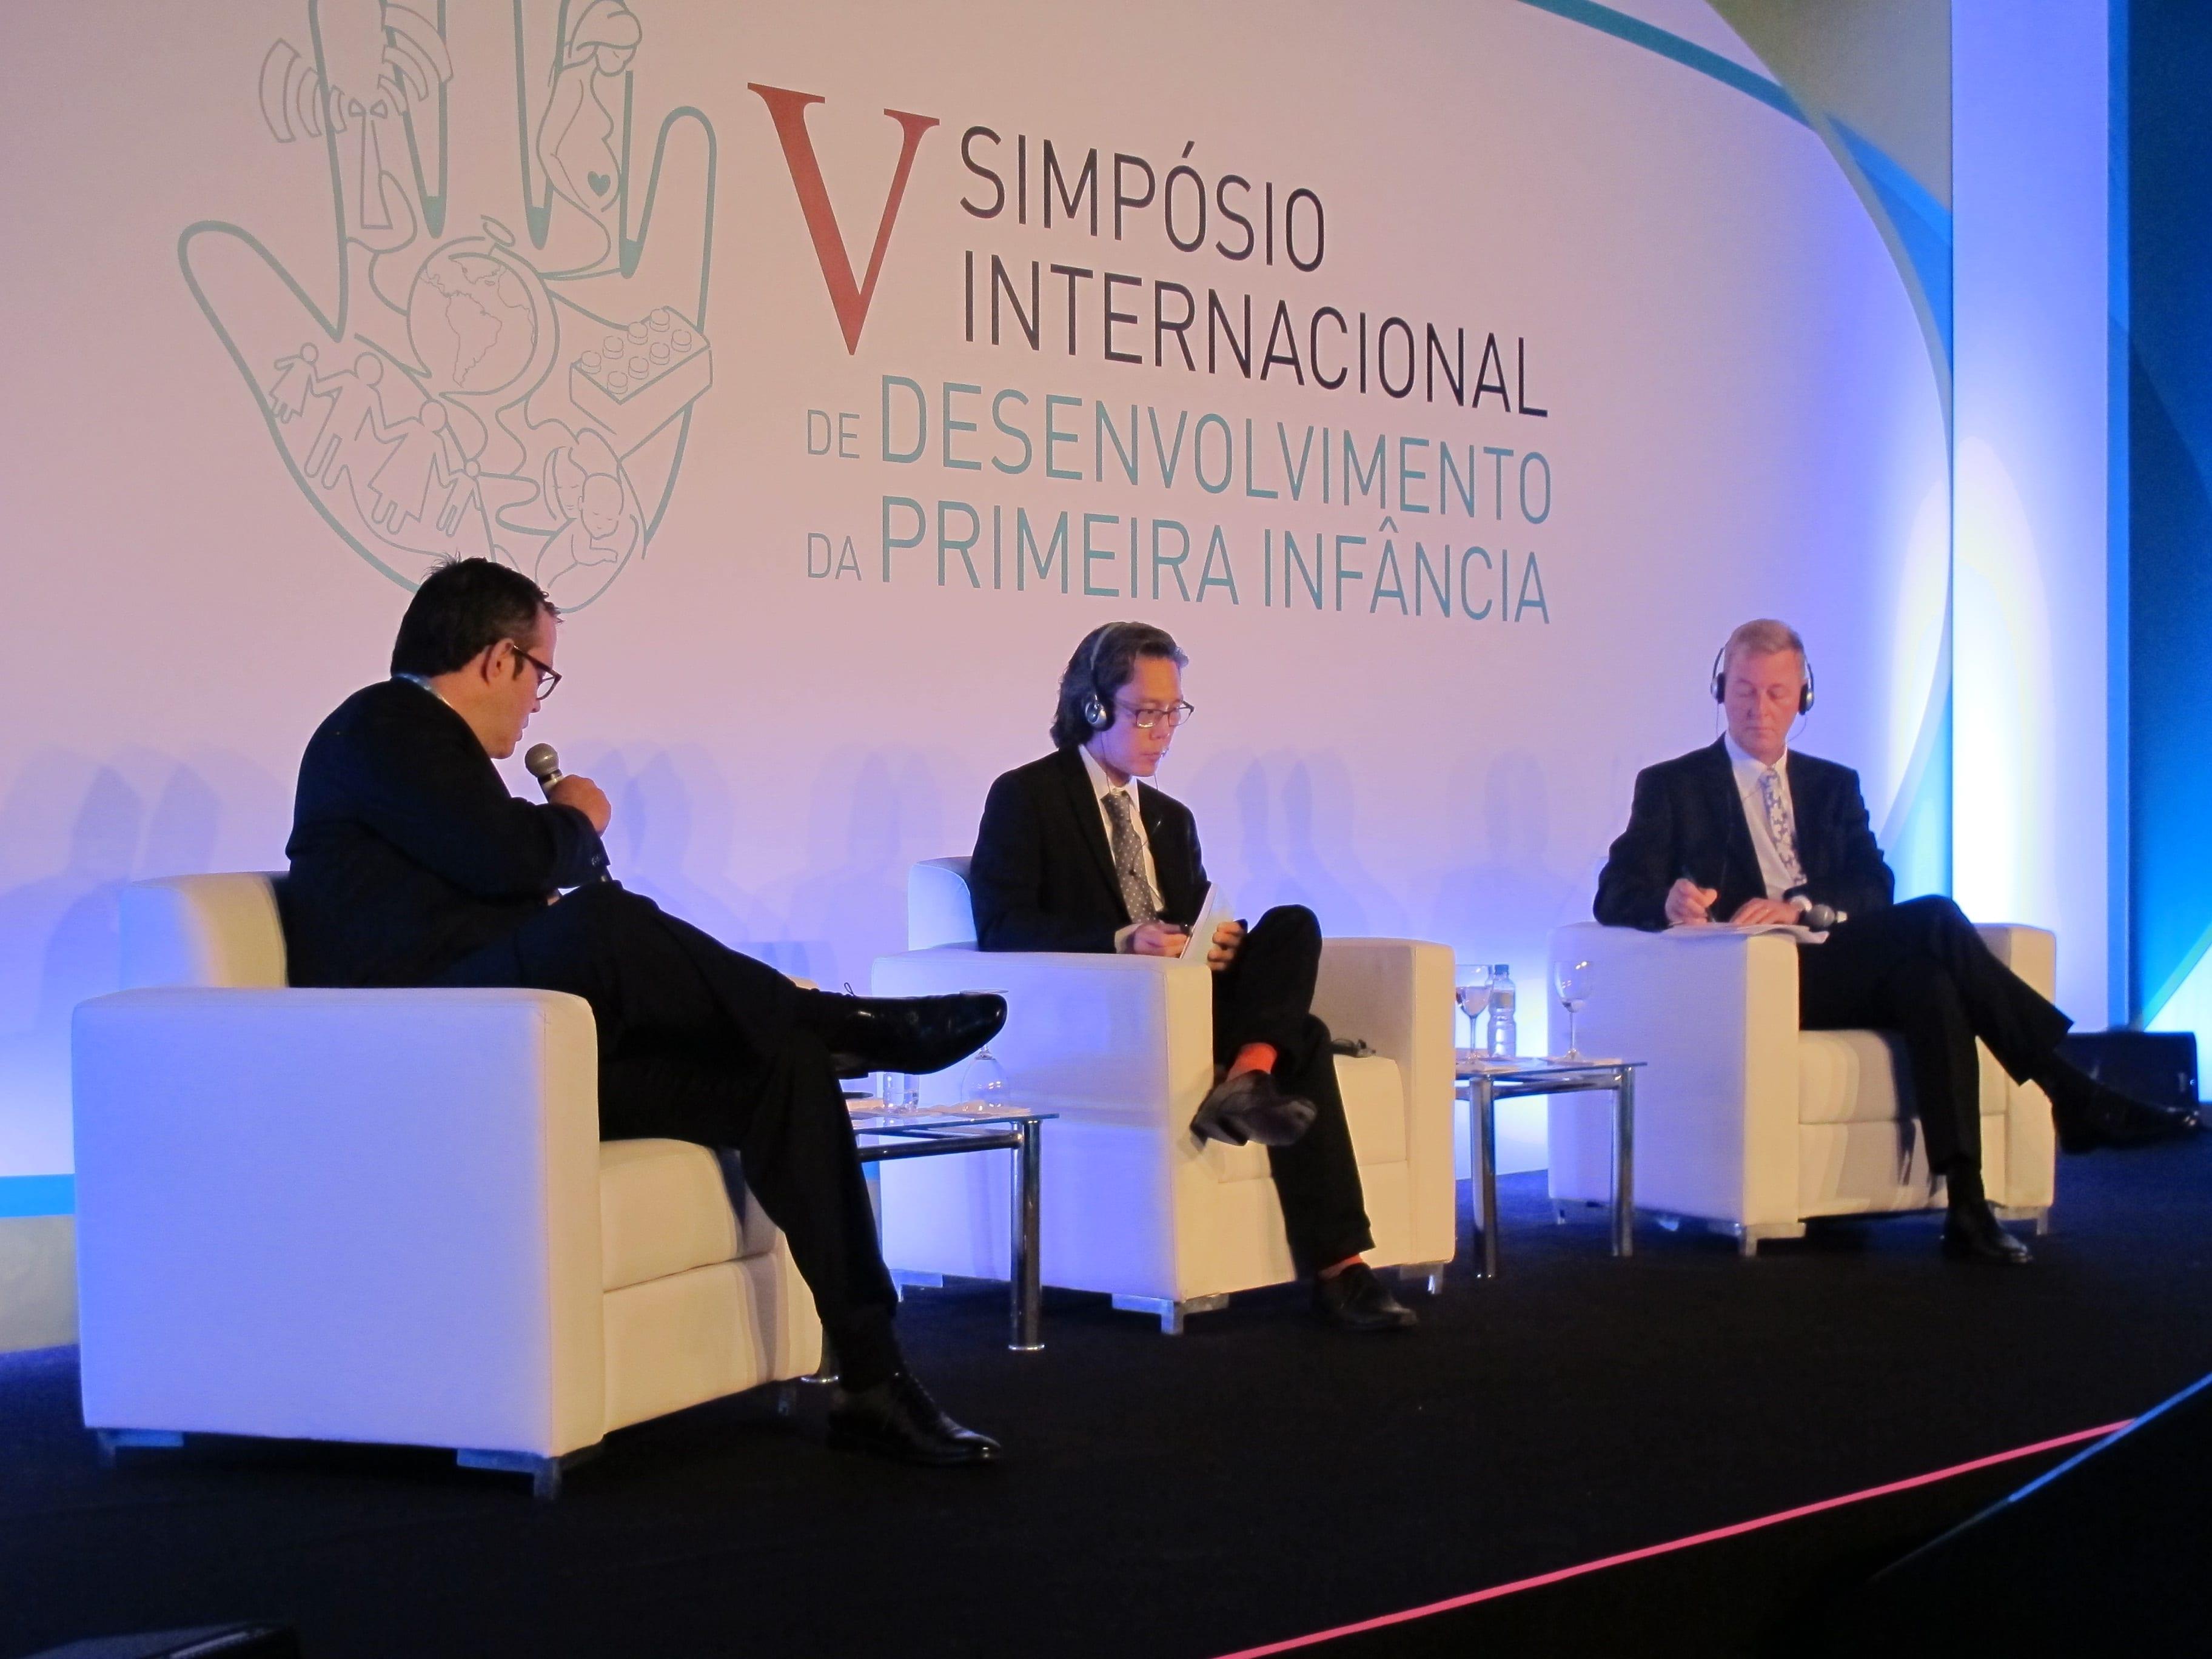 Simpósio foi realizado em SP e reuniu grandes especialistas (Foto: Mães de Peito)